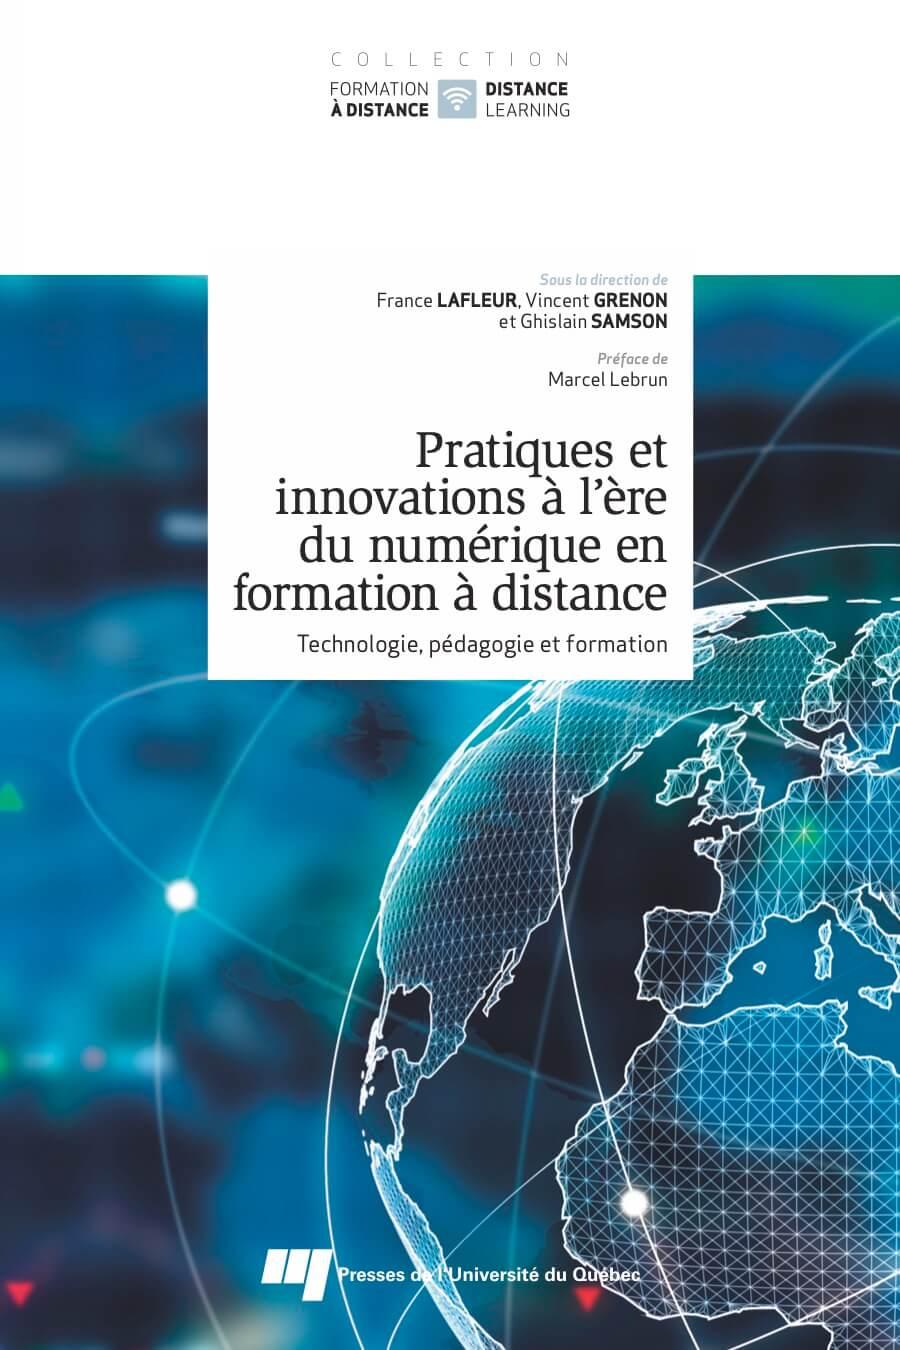 Pratiques et innovations à l'ère du numérique en formation à distance: Technologie, pédagogie et formation